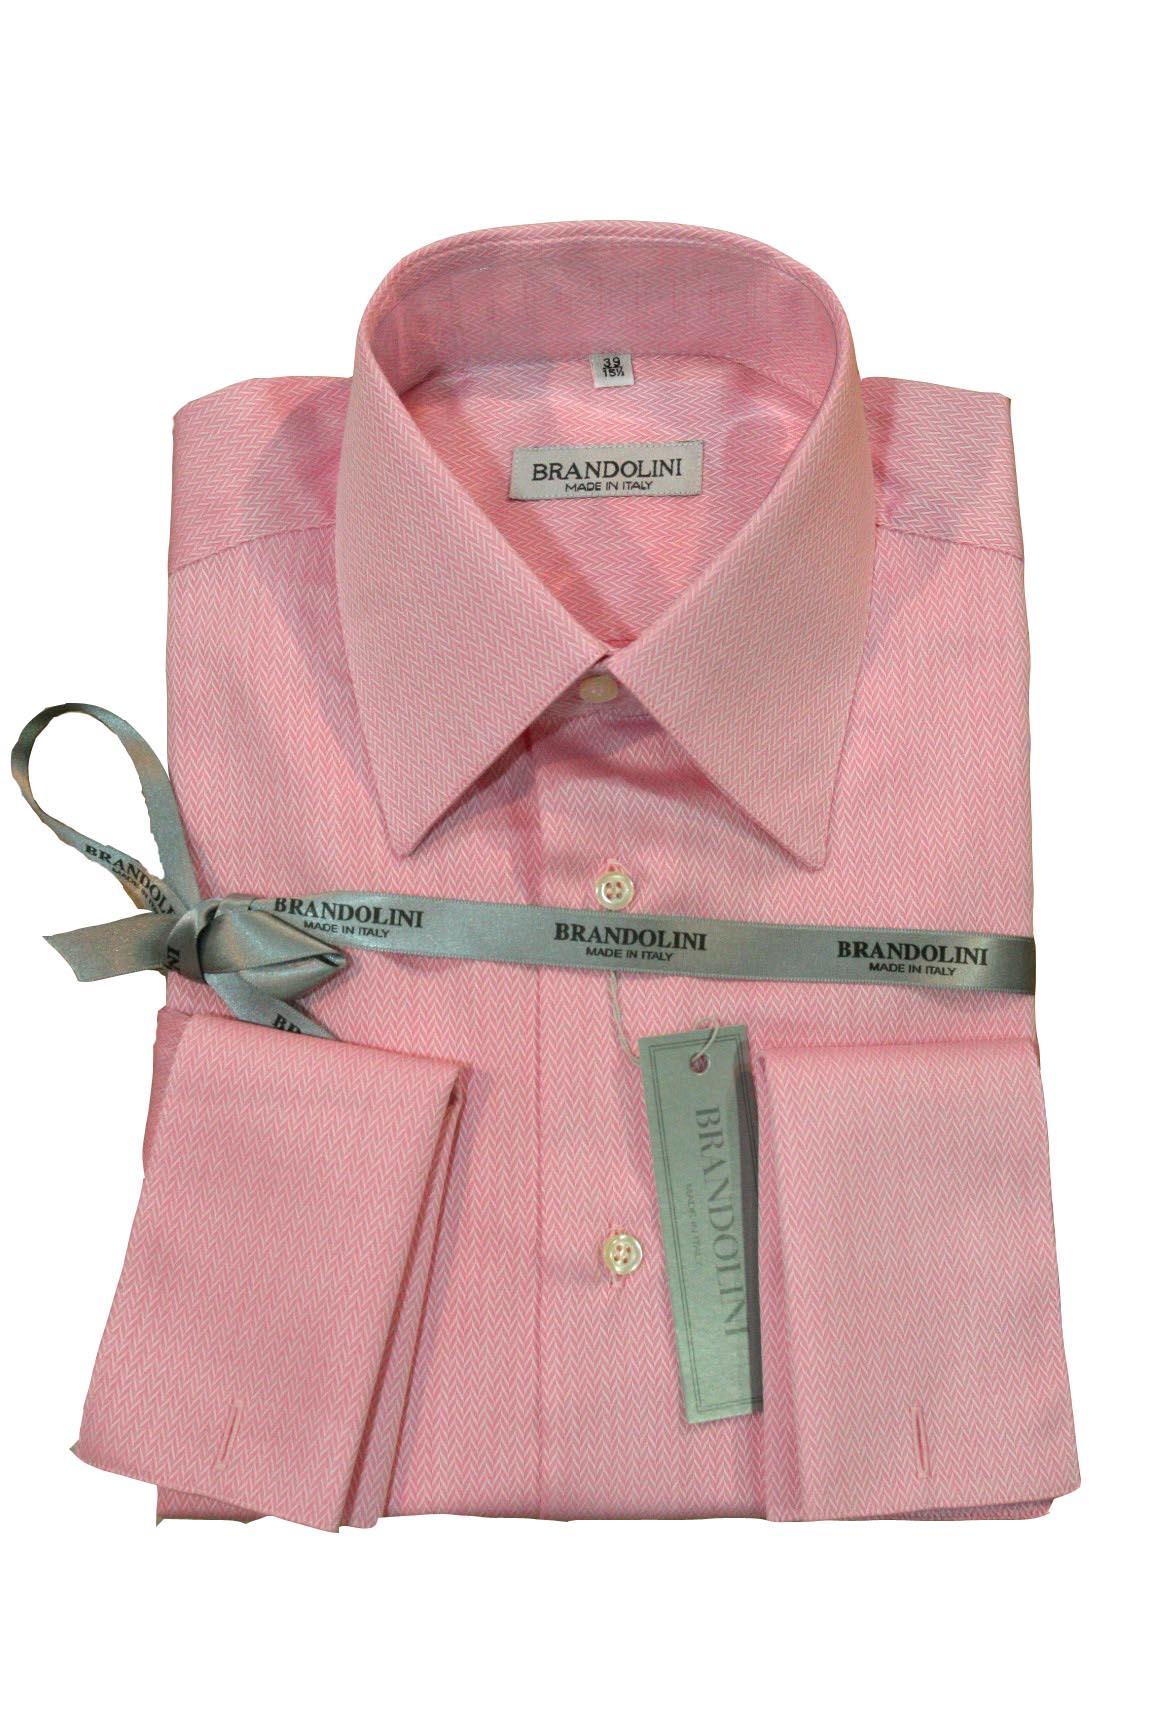 Pink Brandolini Shirt | Ruggi's Fine Italian Clothing